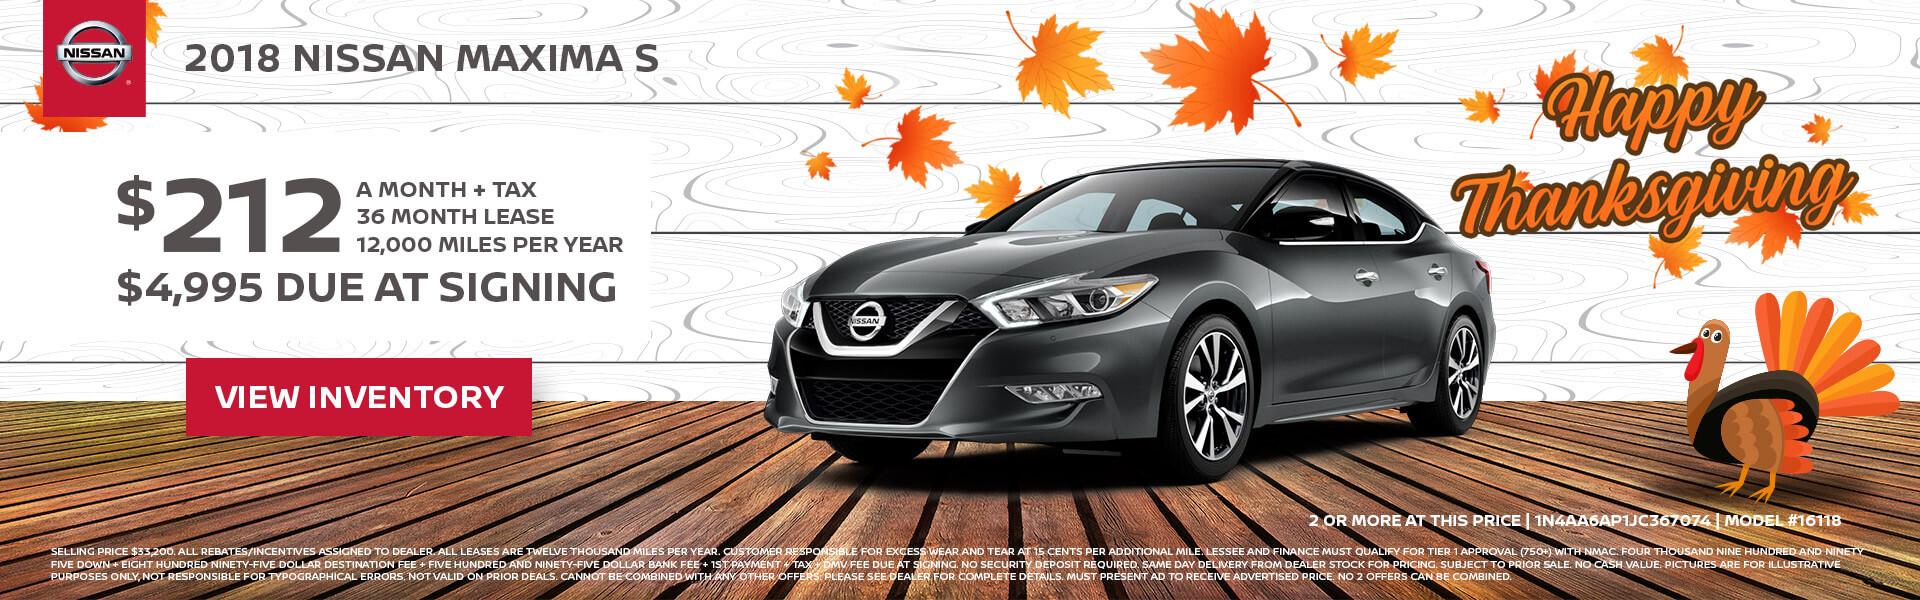 Nissan Maxima $212 Lease